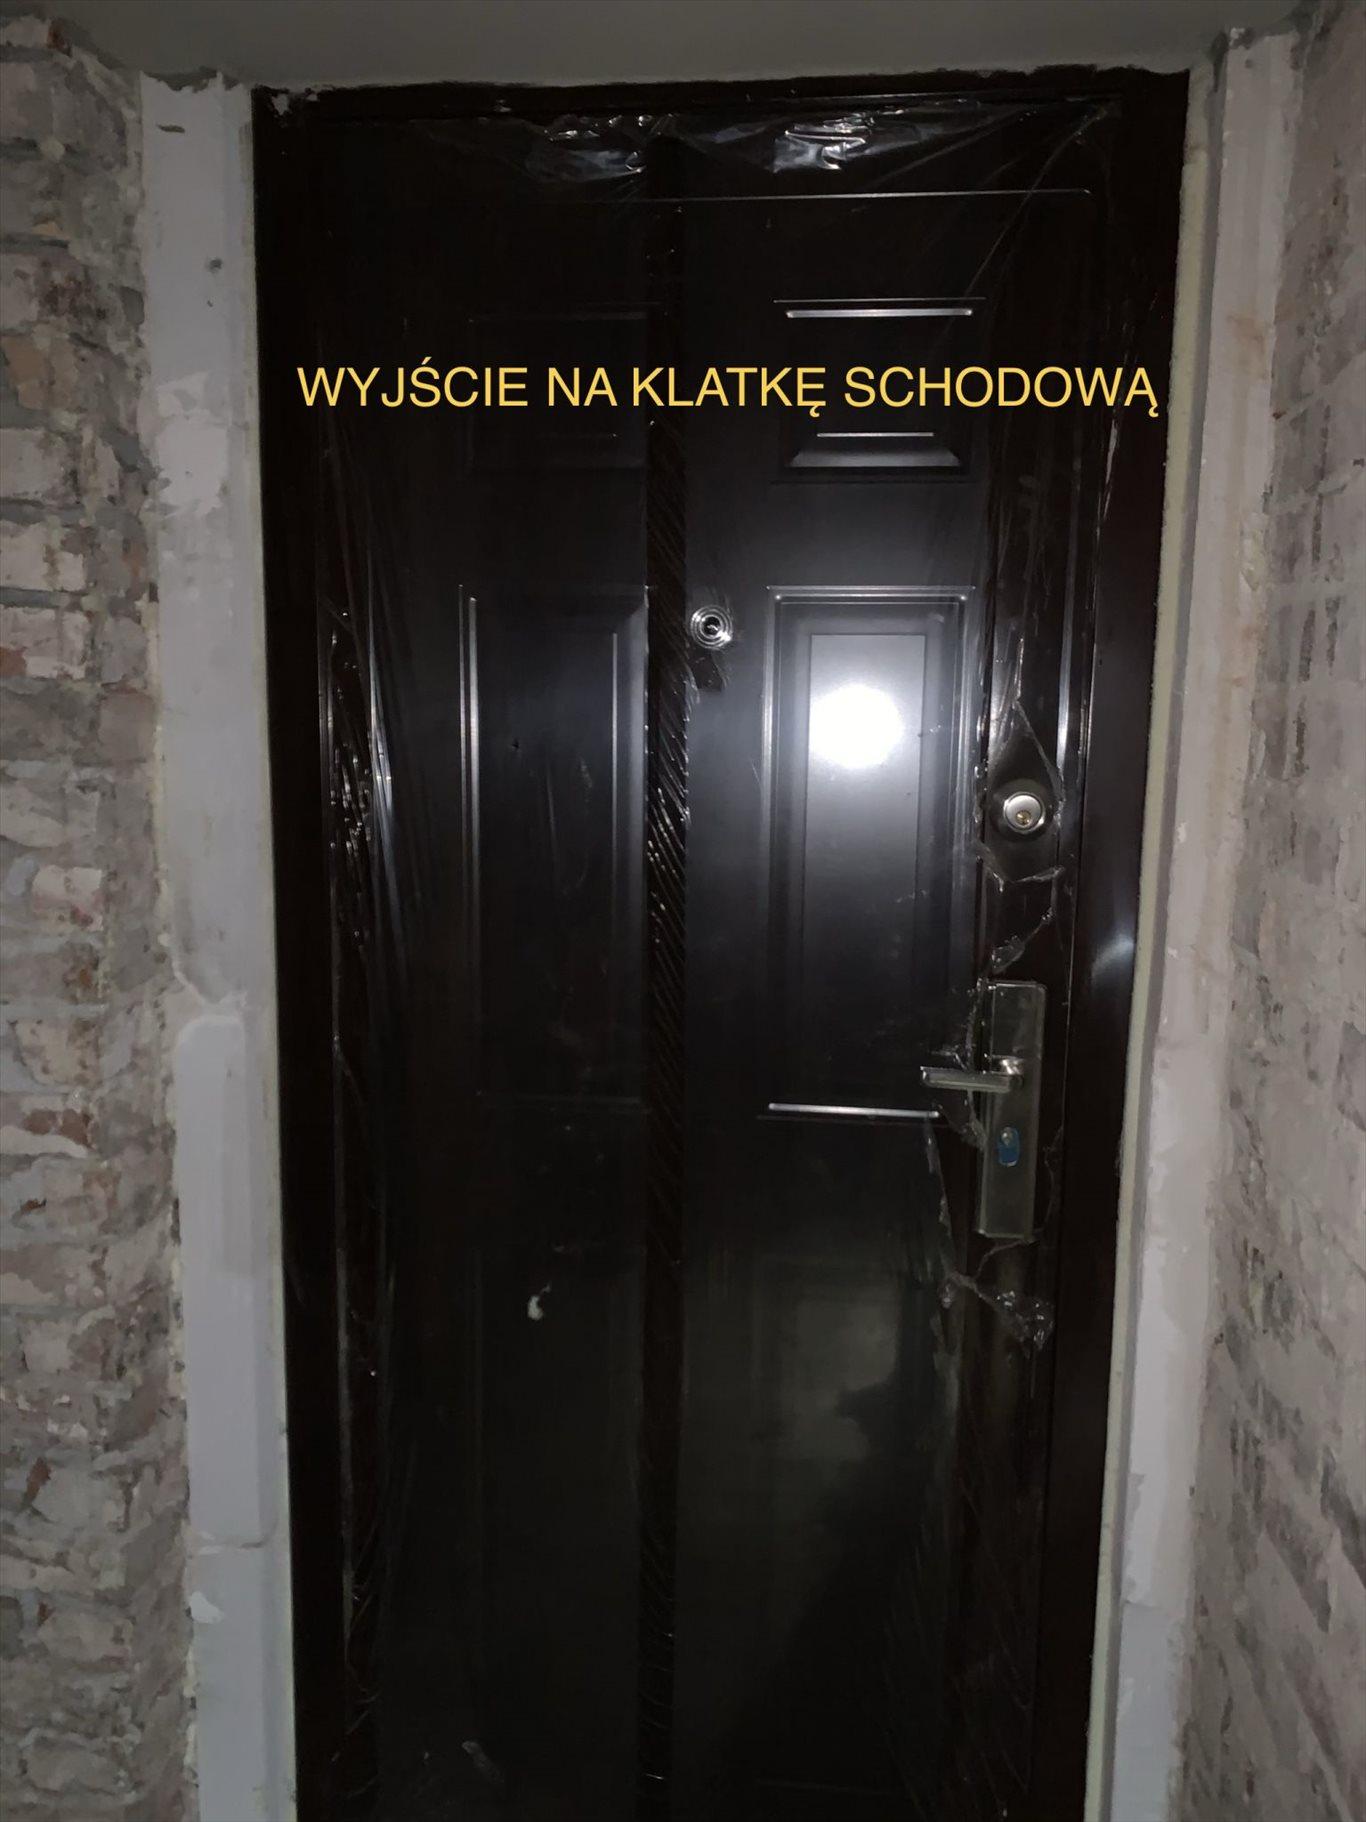 Lokal użytkowy na wynajem Poznań, Wilda, Górna Wilda - Wierzbięcice  85m2 Foto 12